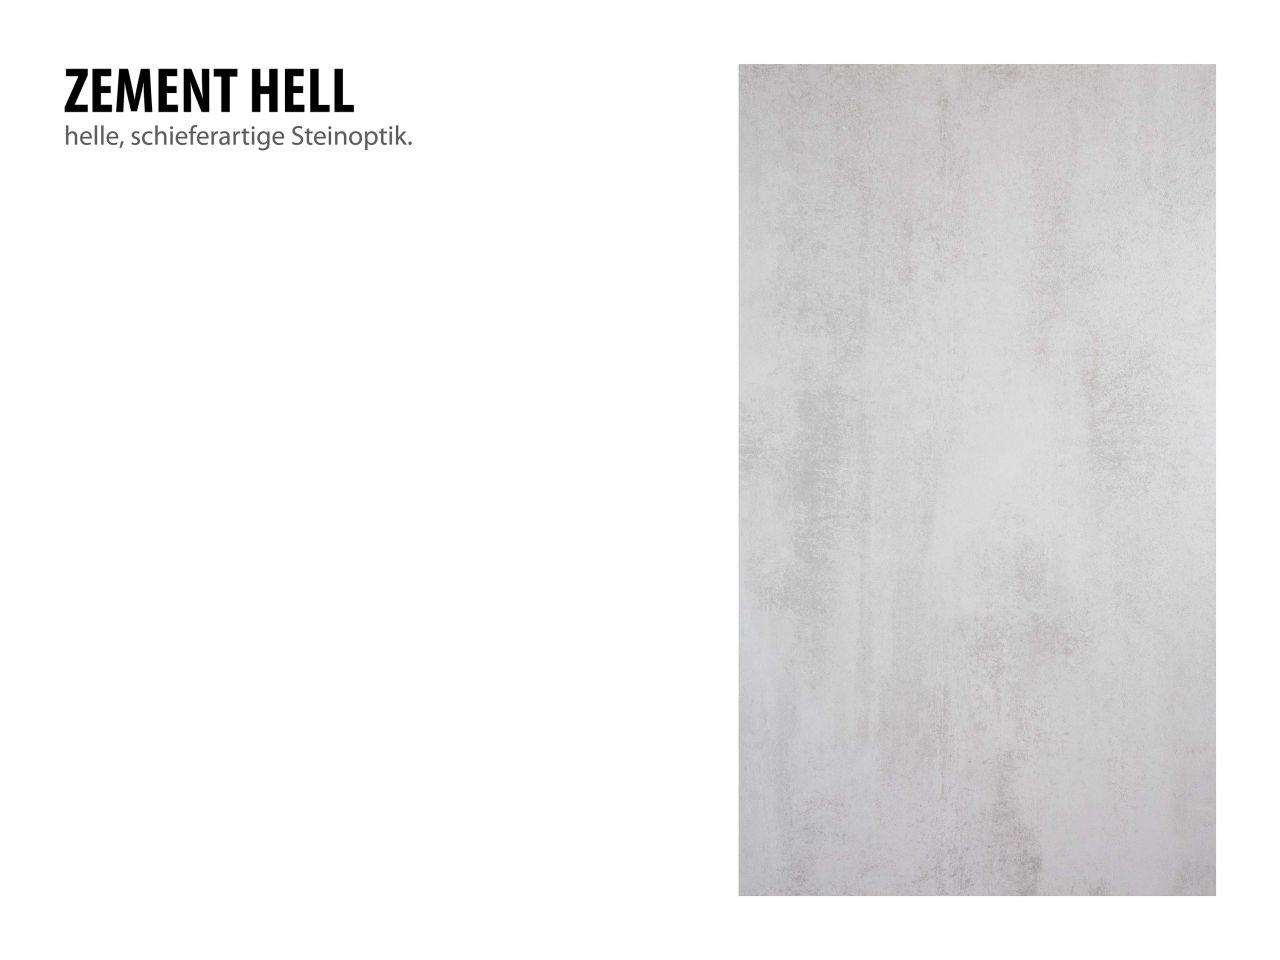 Silverstar 2.0 Dekor Zement hell